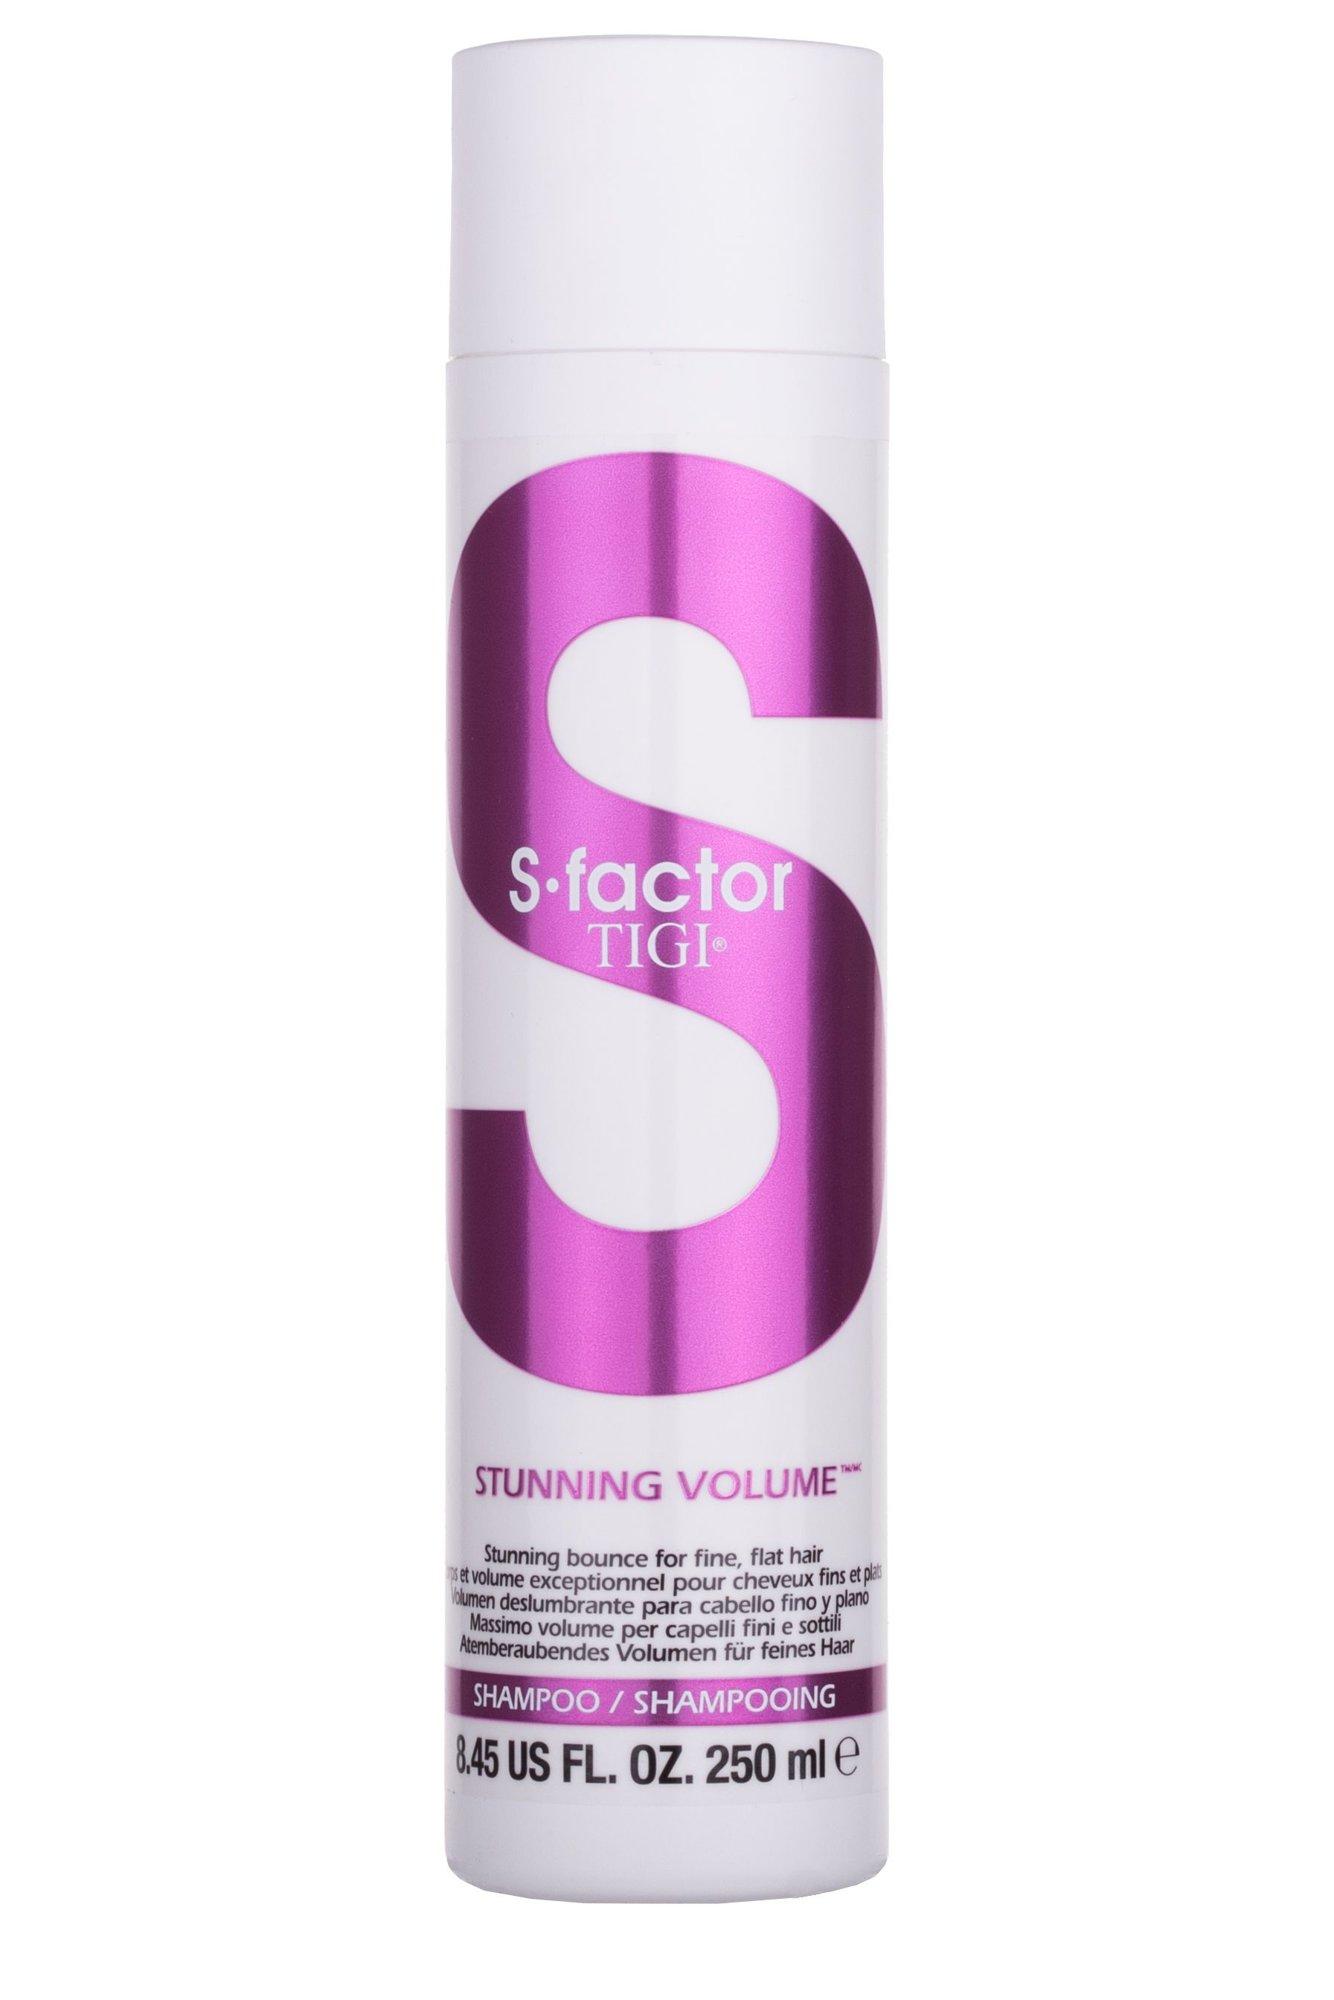 Tigi S Factor Stunning Volume Cosmetic 250ml